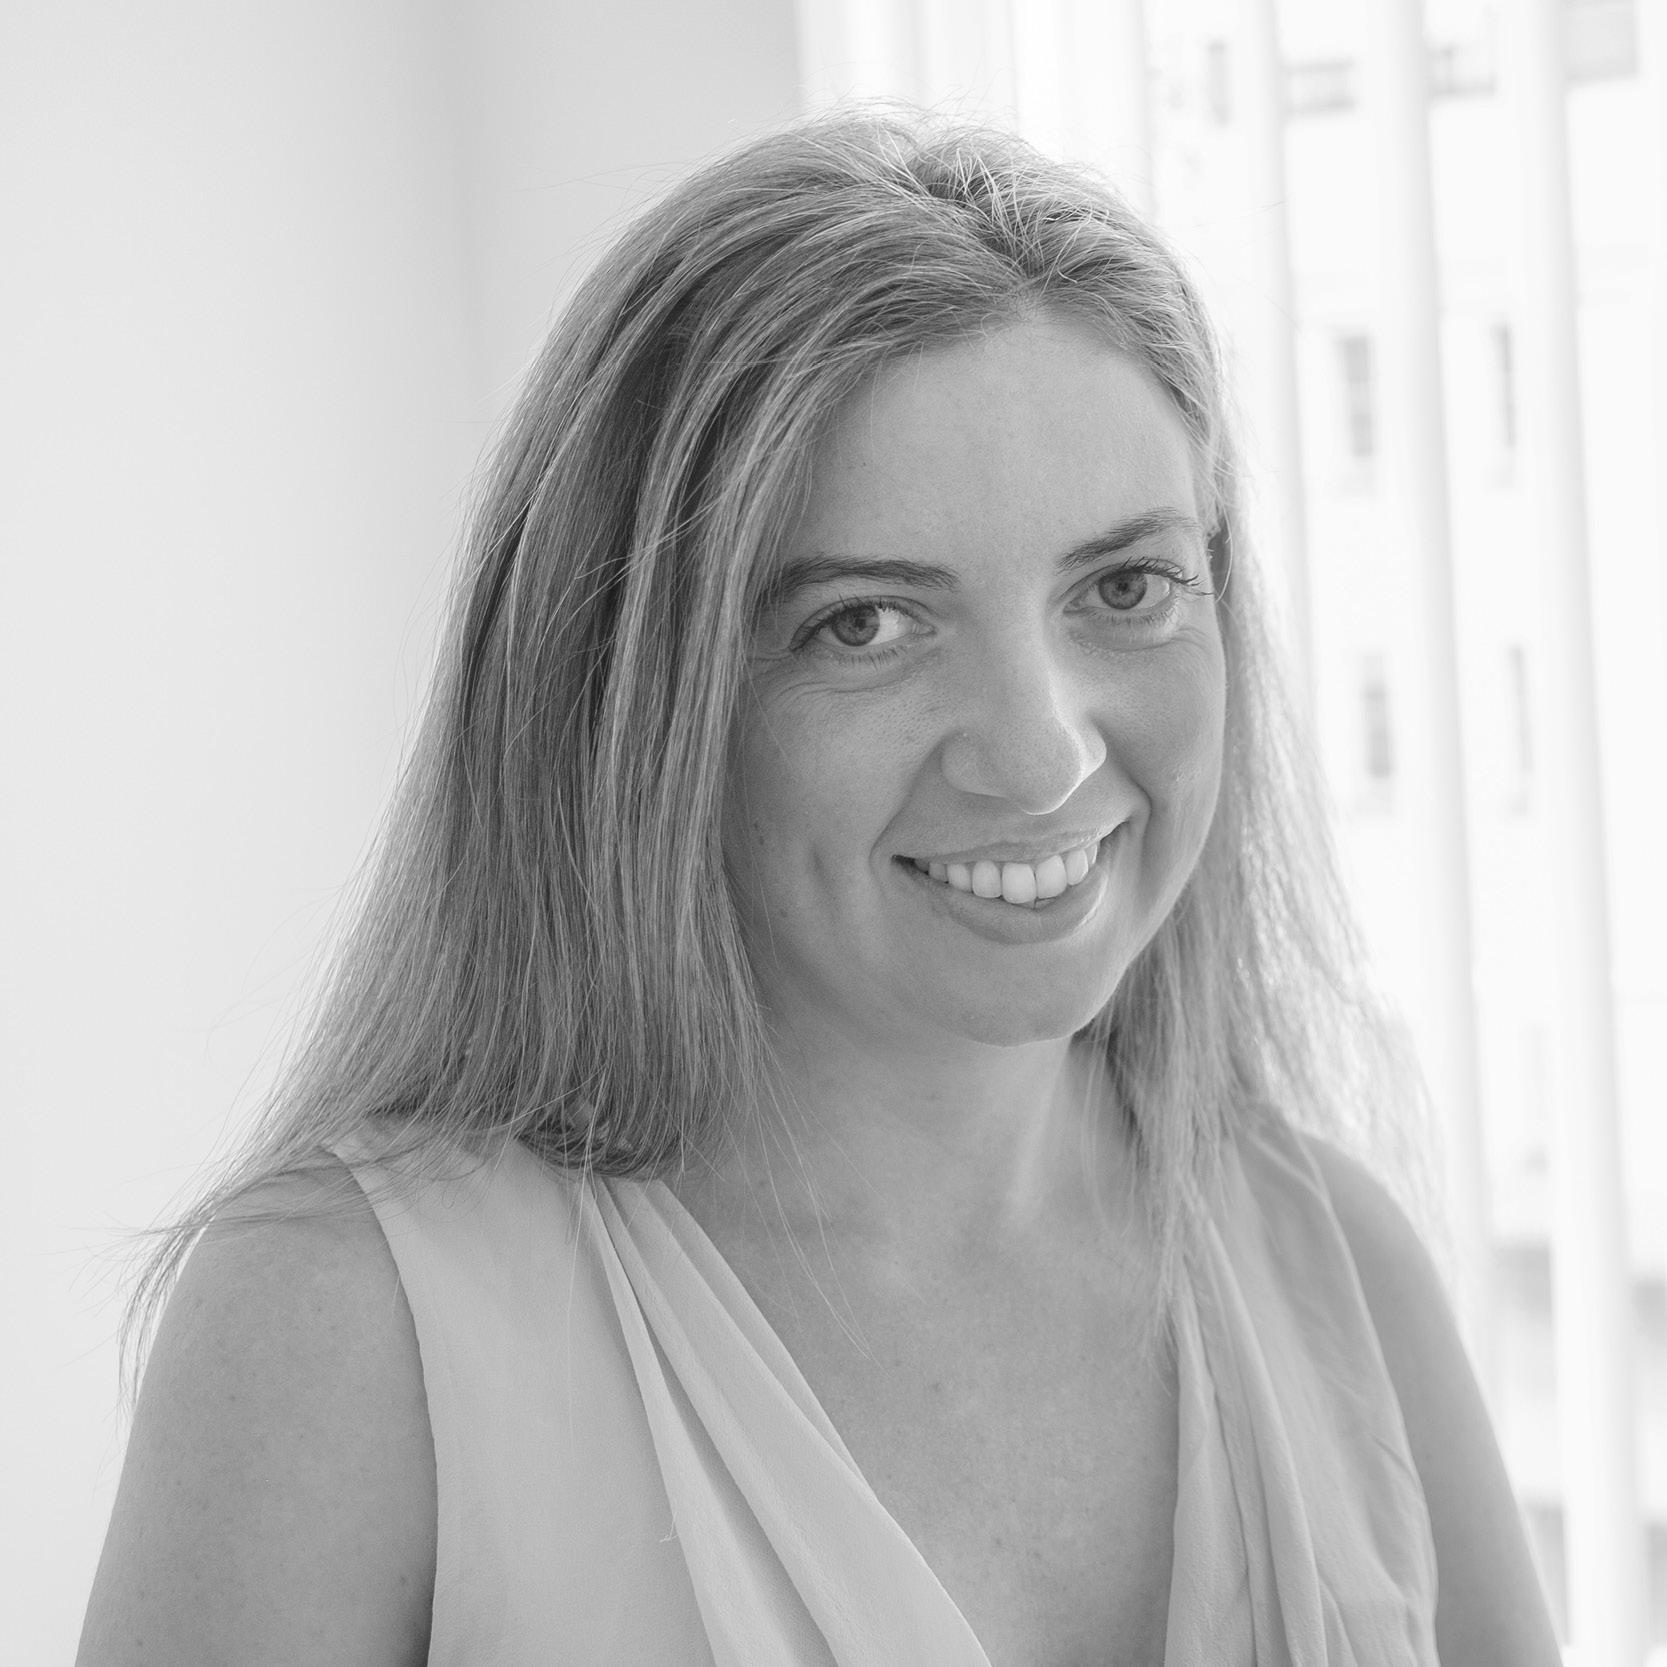 Giulia Esposito